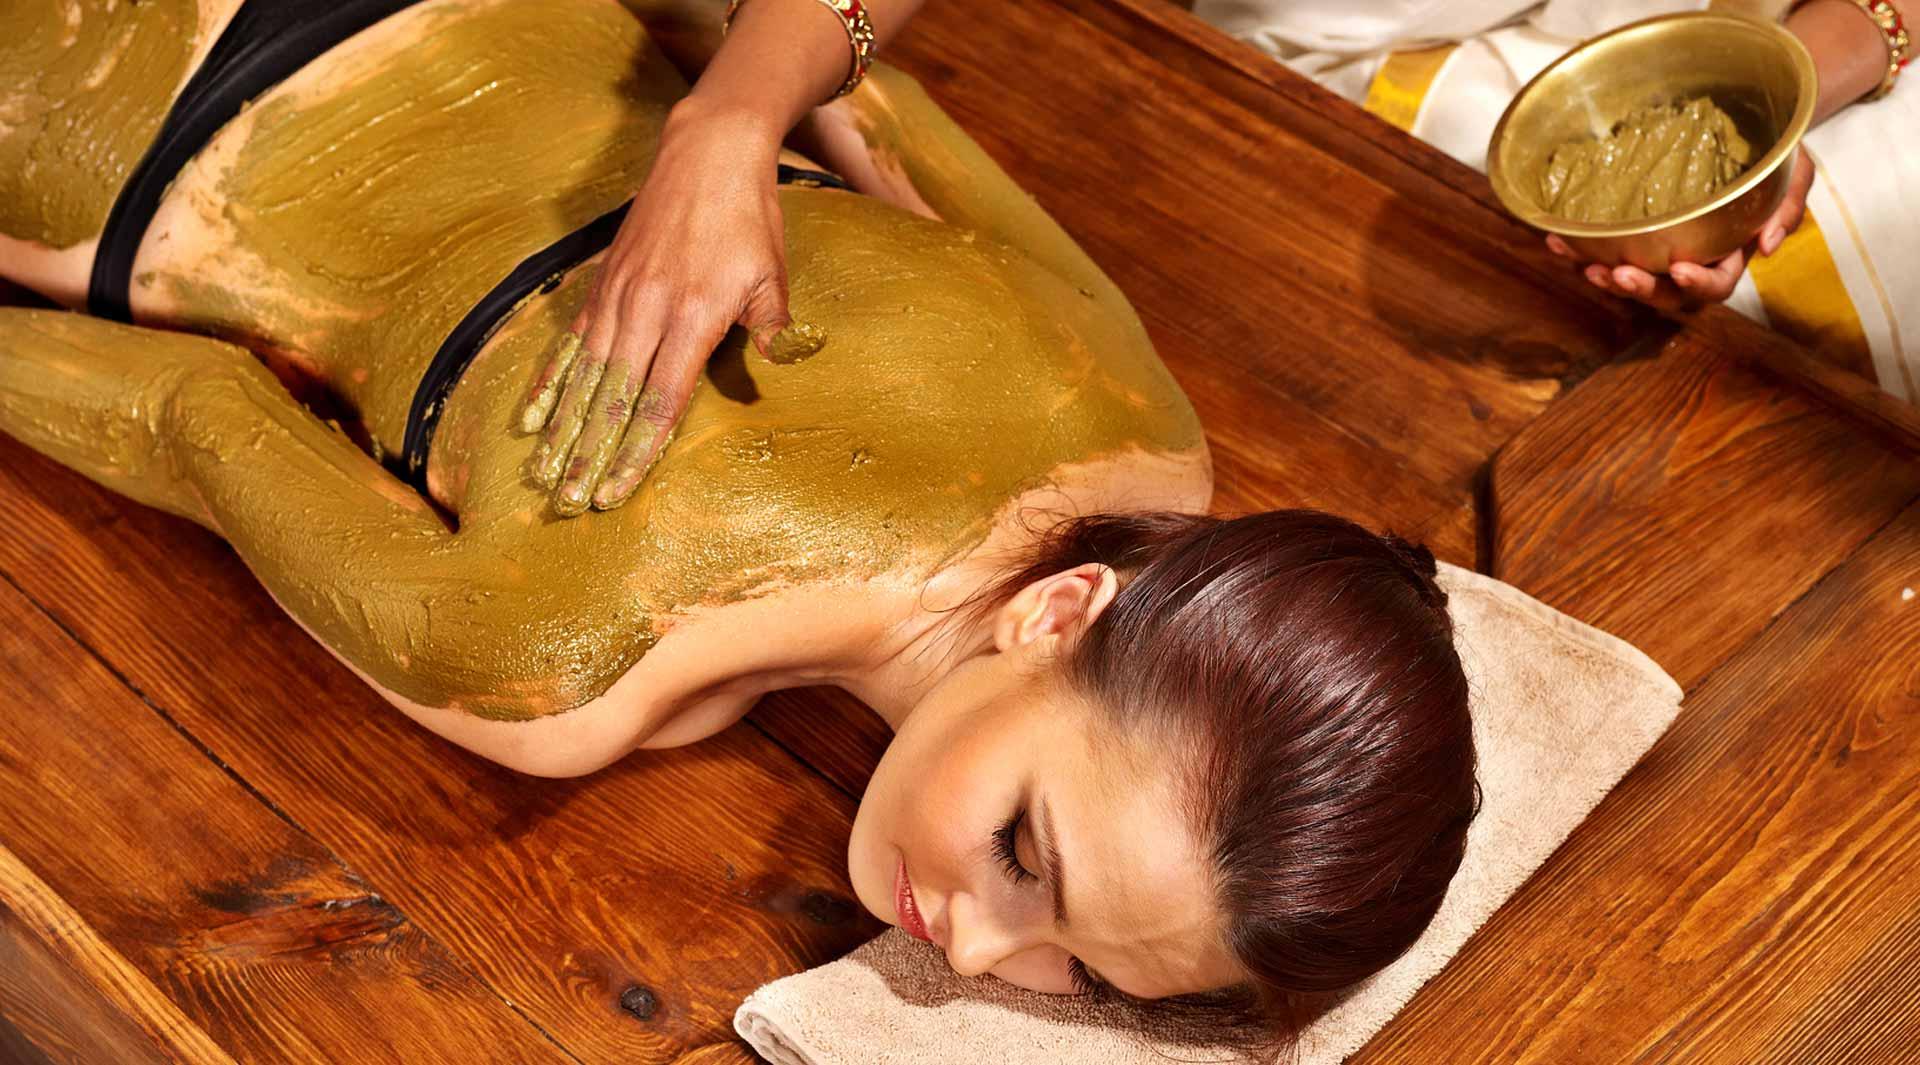 Смотреть массаж языком 19 фотография